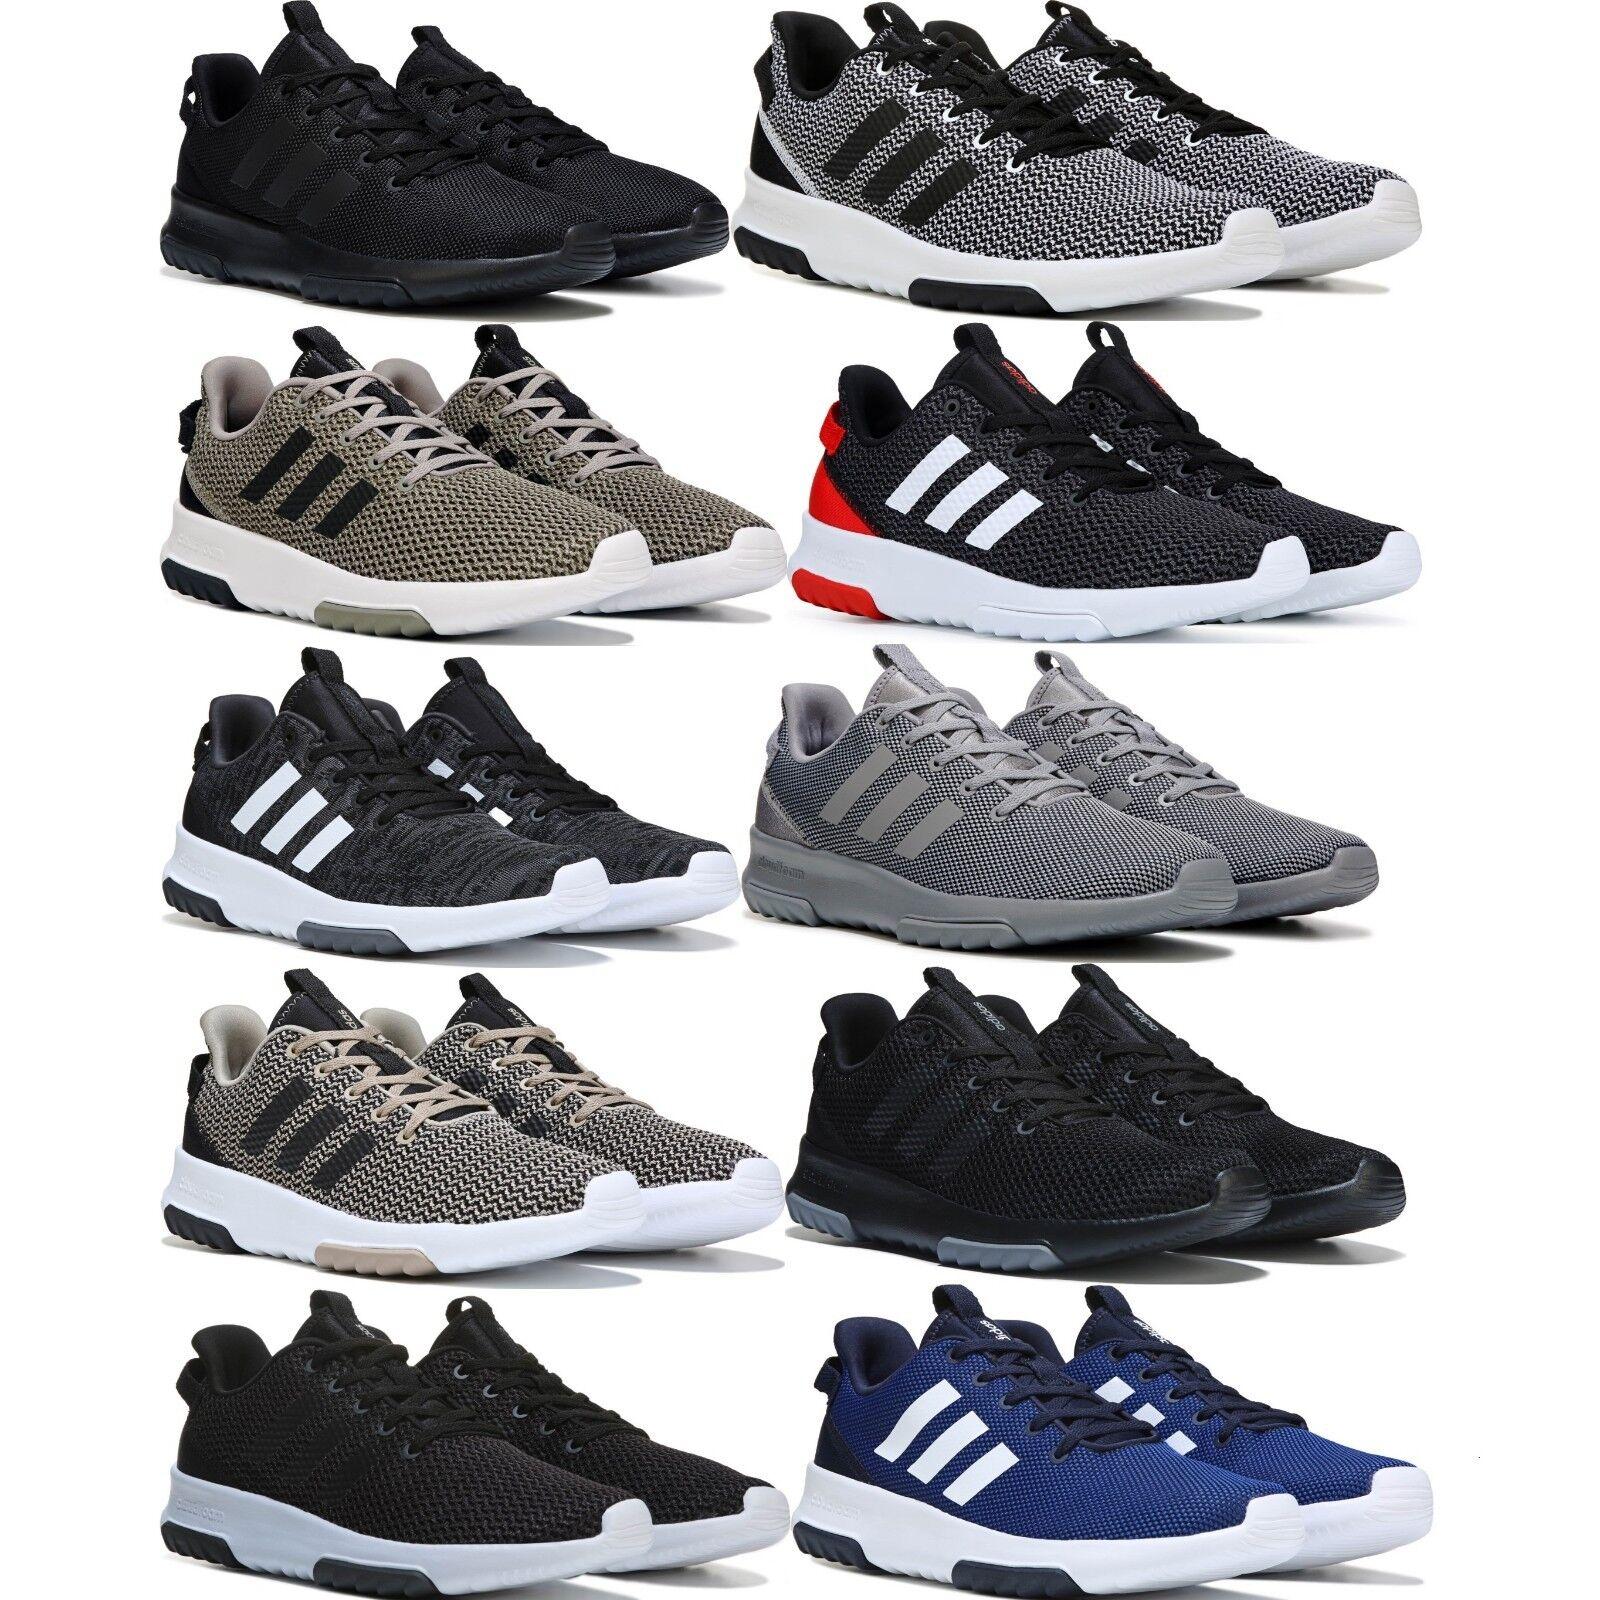 Adidas cloudfoam racer tr uomini delle scarpe stile da ginnastica con lo stile scarpe di vita. 303855